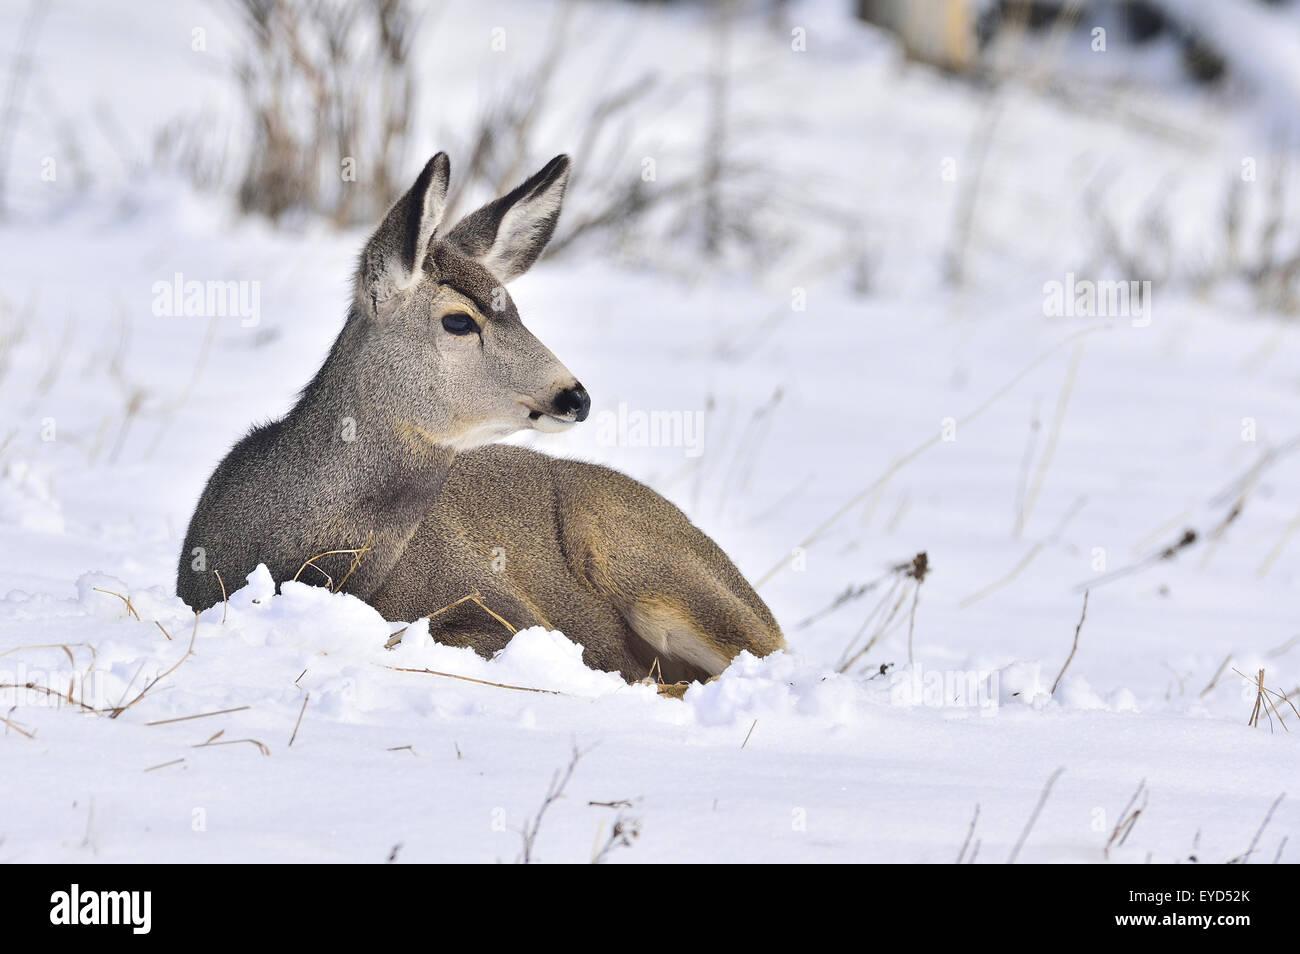 Una hembra, venado bura Odocoileus hemionus, tendido en la nieve fresca en la zona rural de Alberta, Canadá Imagen De Stock